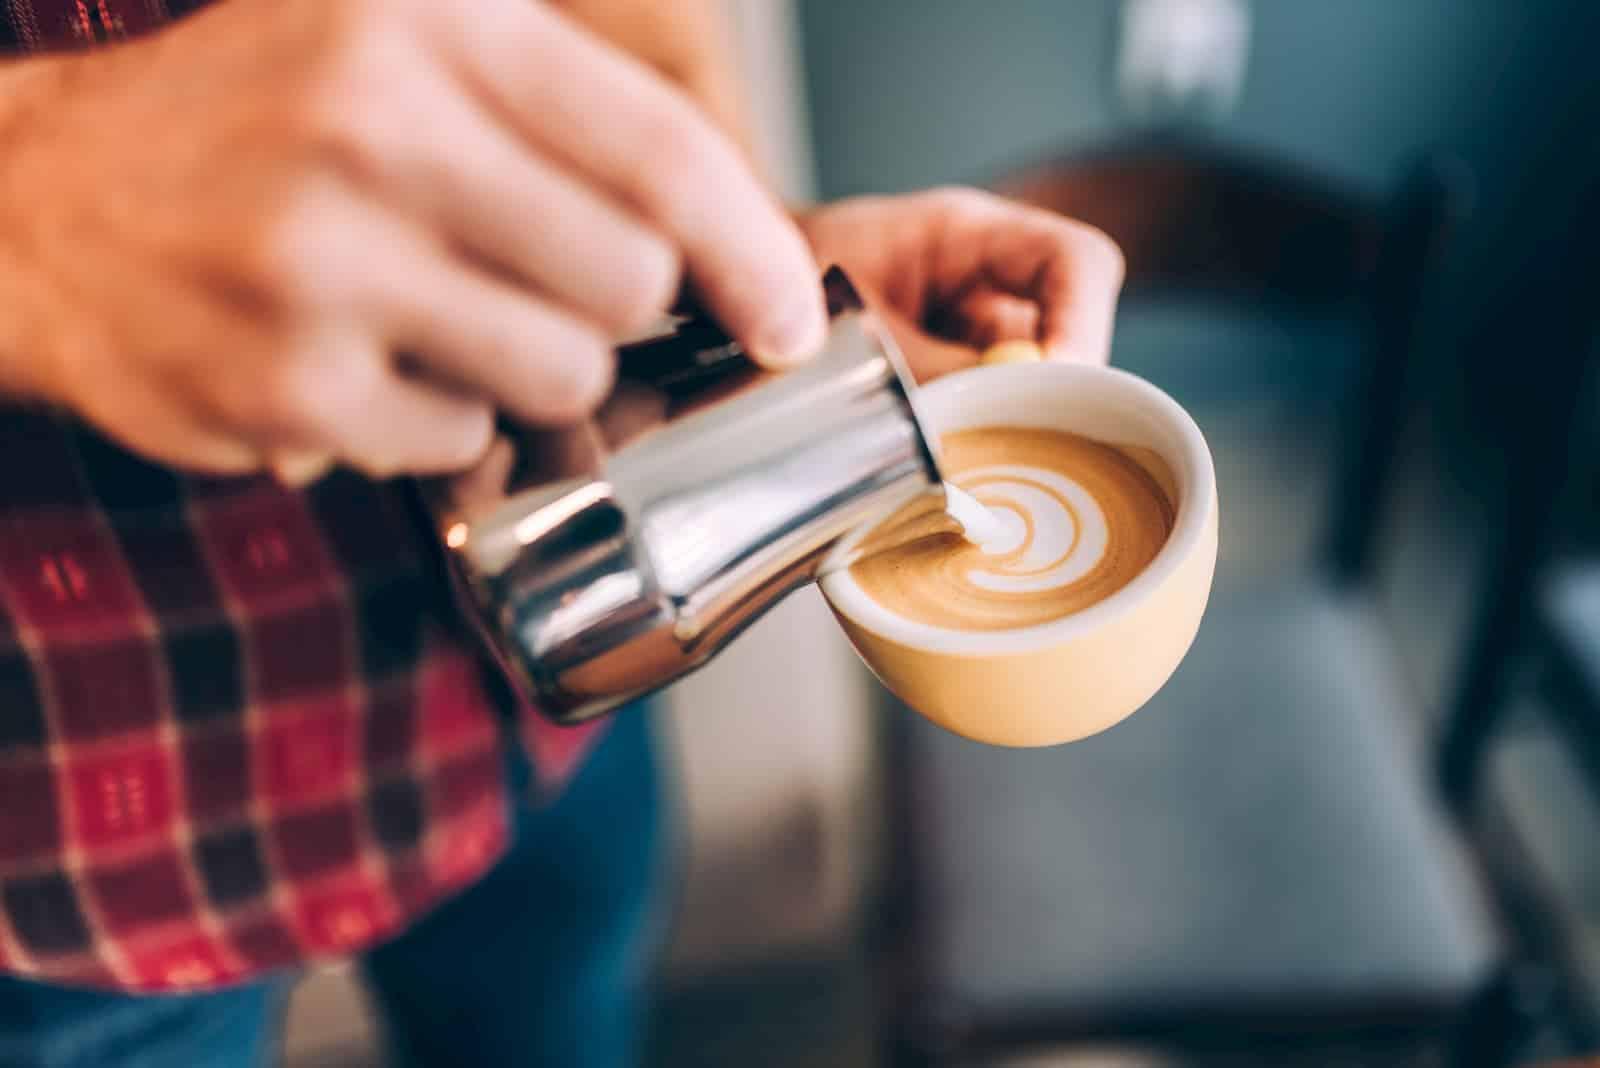 servindo o café junto do leite